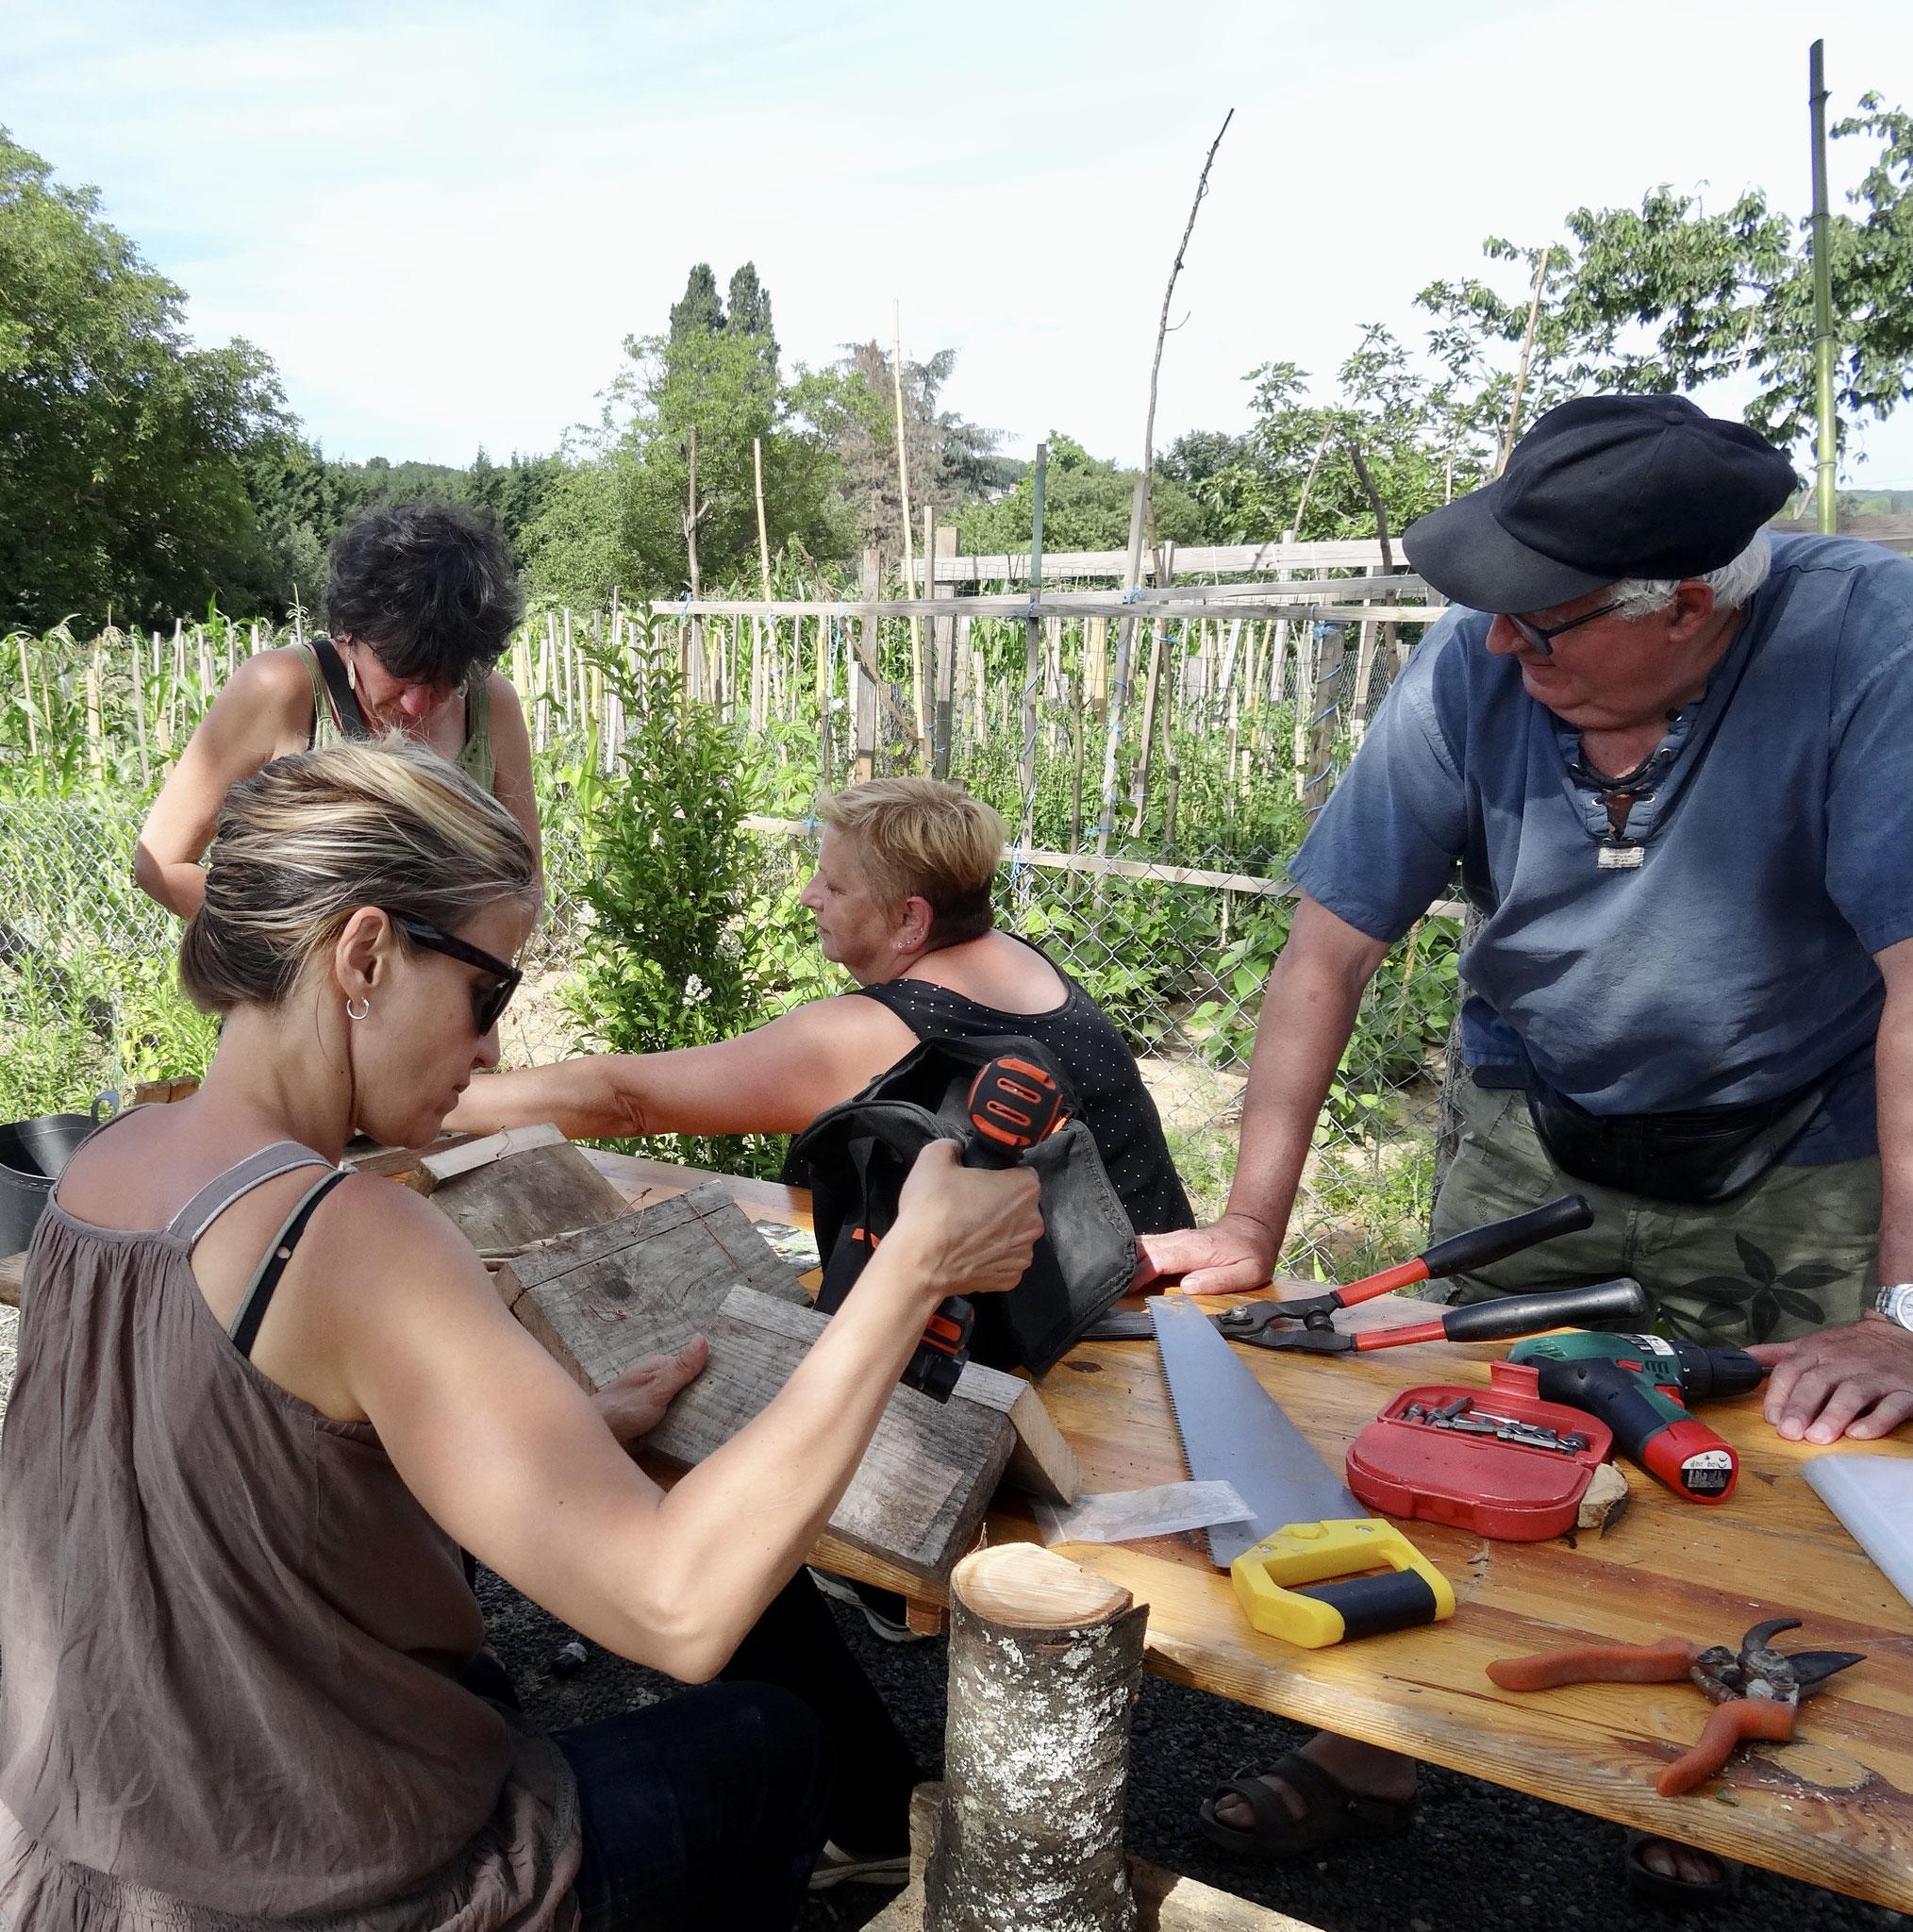 fabrication collective. jardin familiaux quincieux